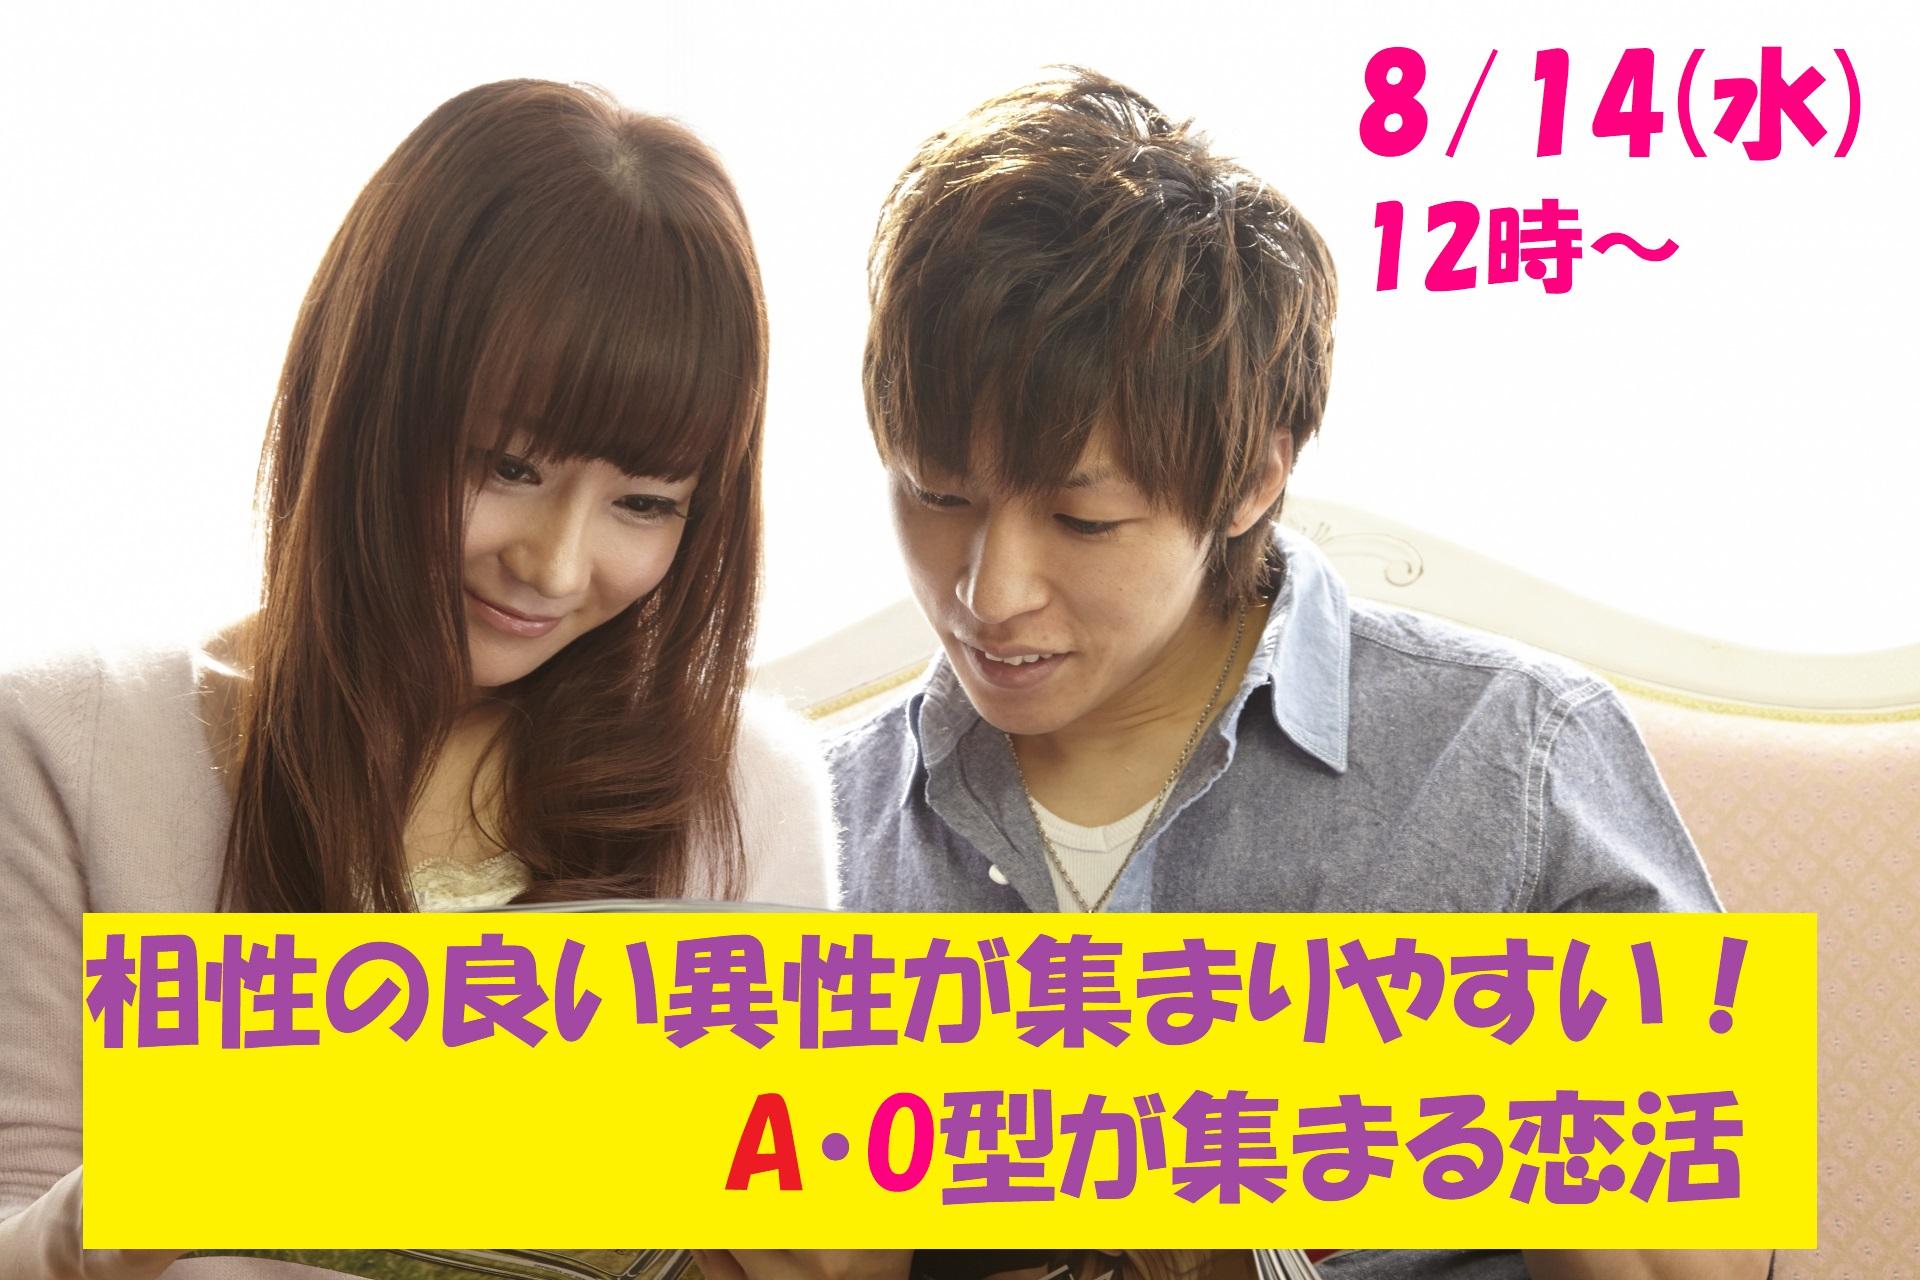 【終了】8月14日(水)12時~相性の良い異性が集まりやすい!A・O型が集まる恋活!